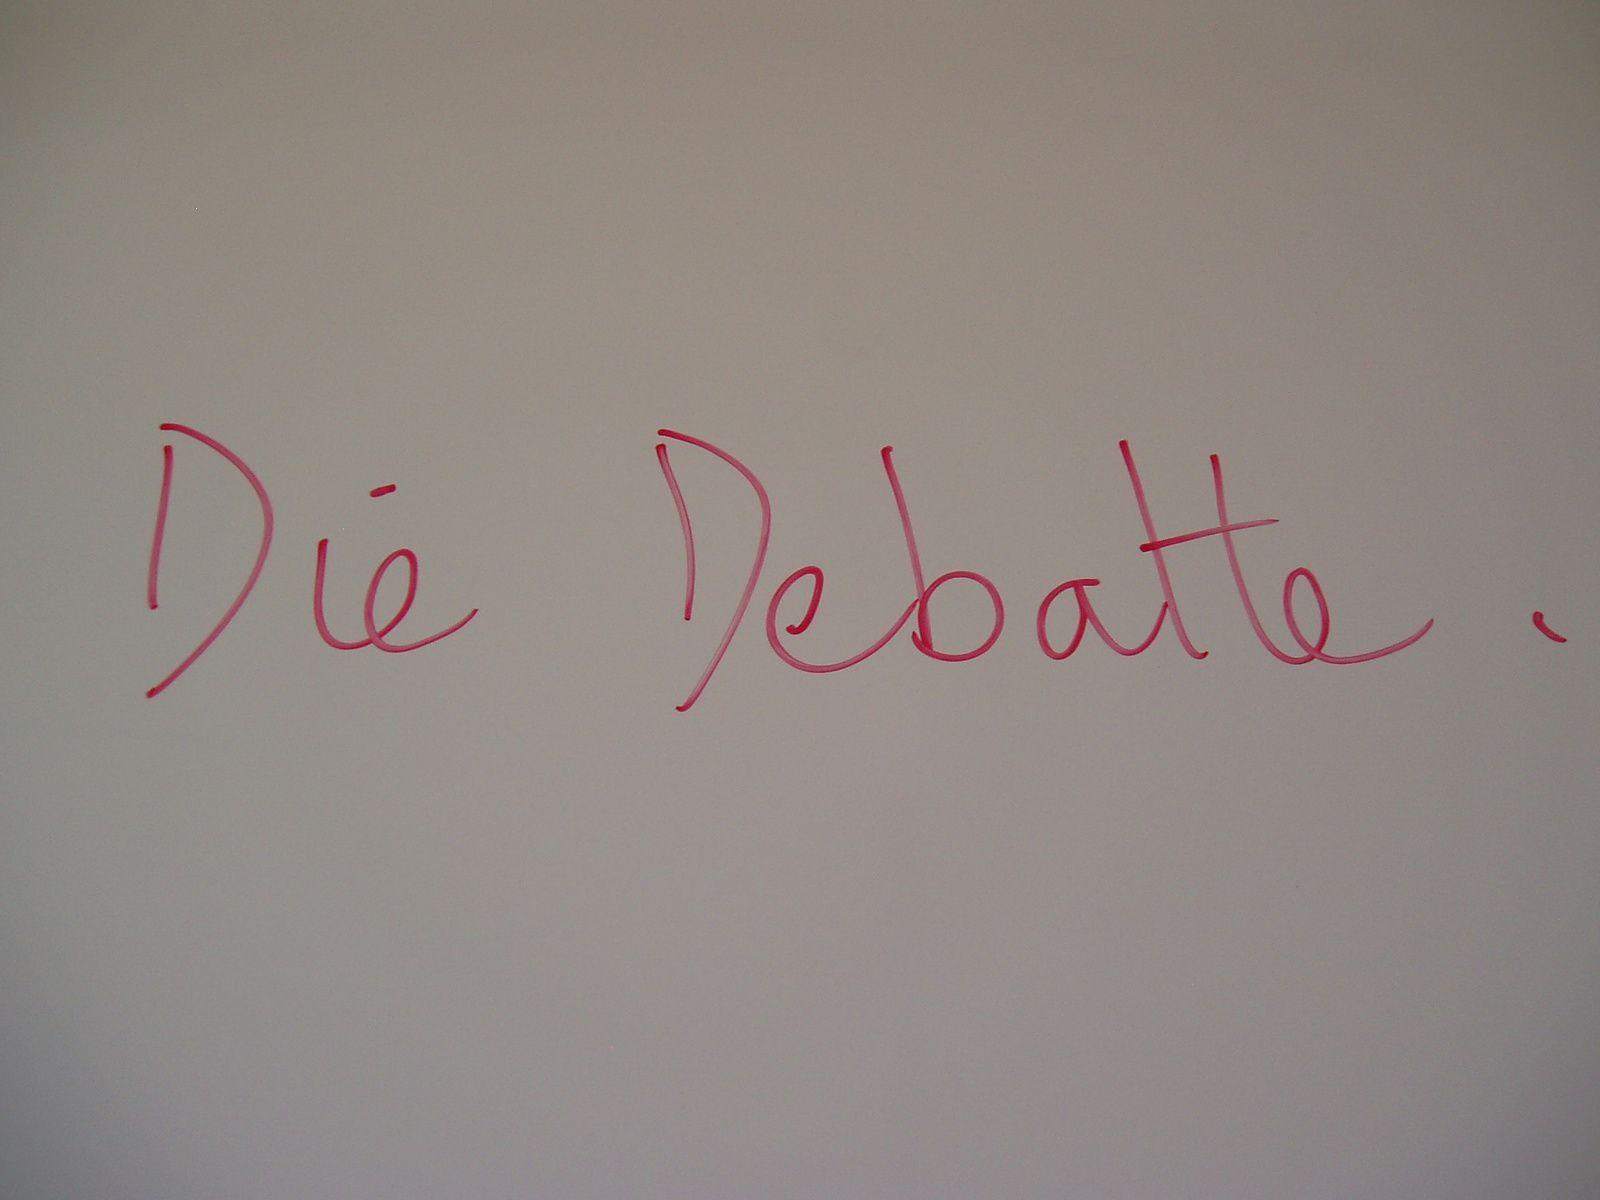 Die debatte  !